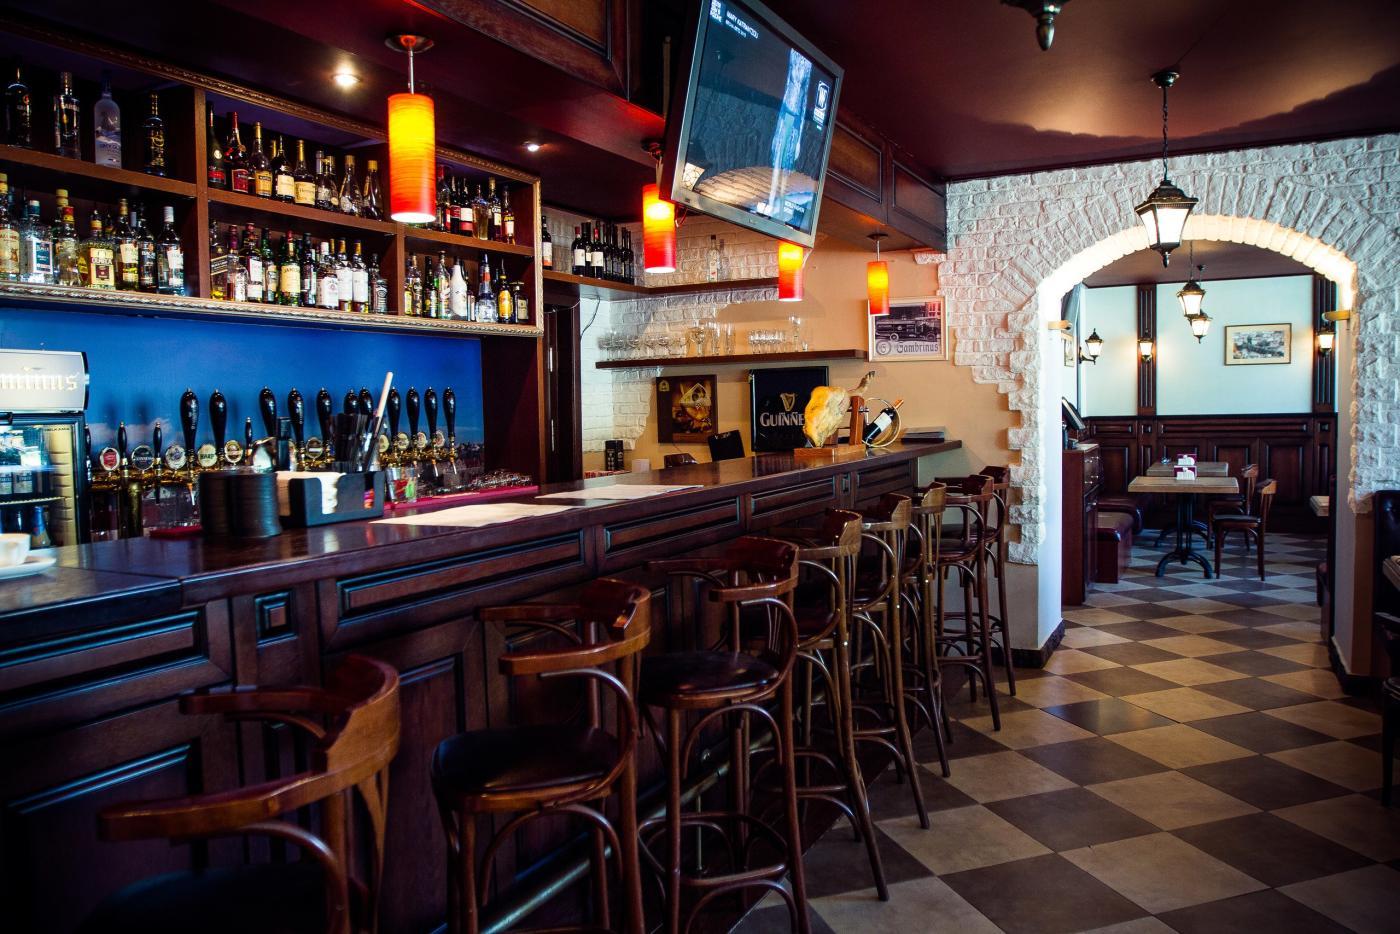 Средиземноморский Ресторан Terra & Mare Rome Barcelona (Терра Маре Рома Барселона) фото 42